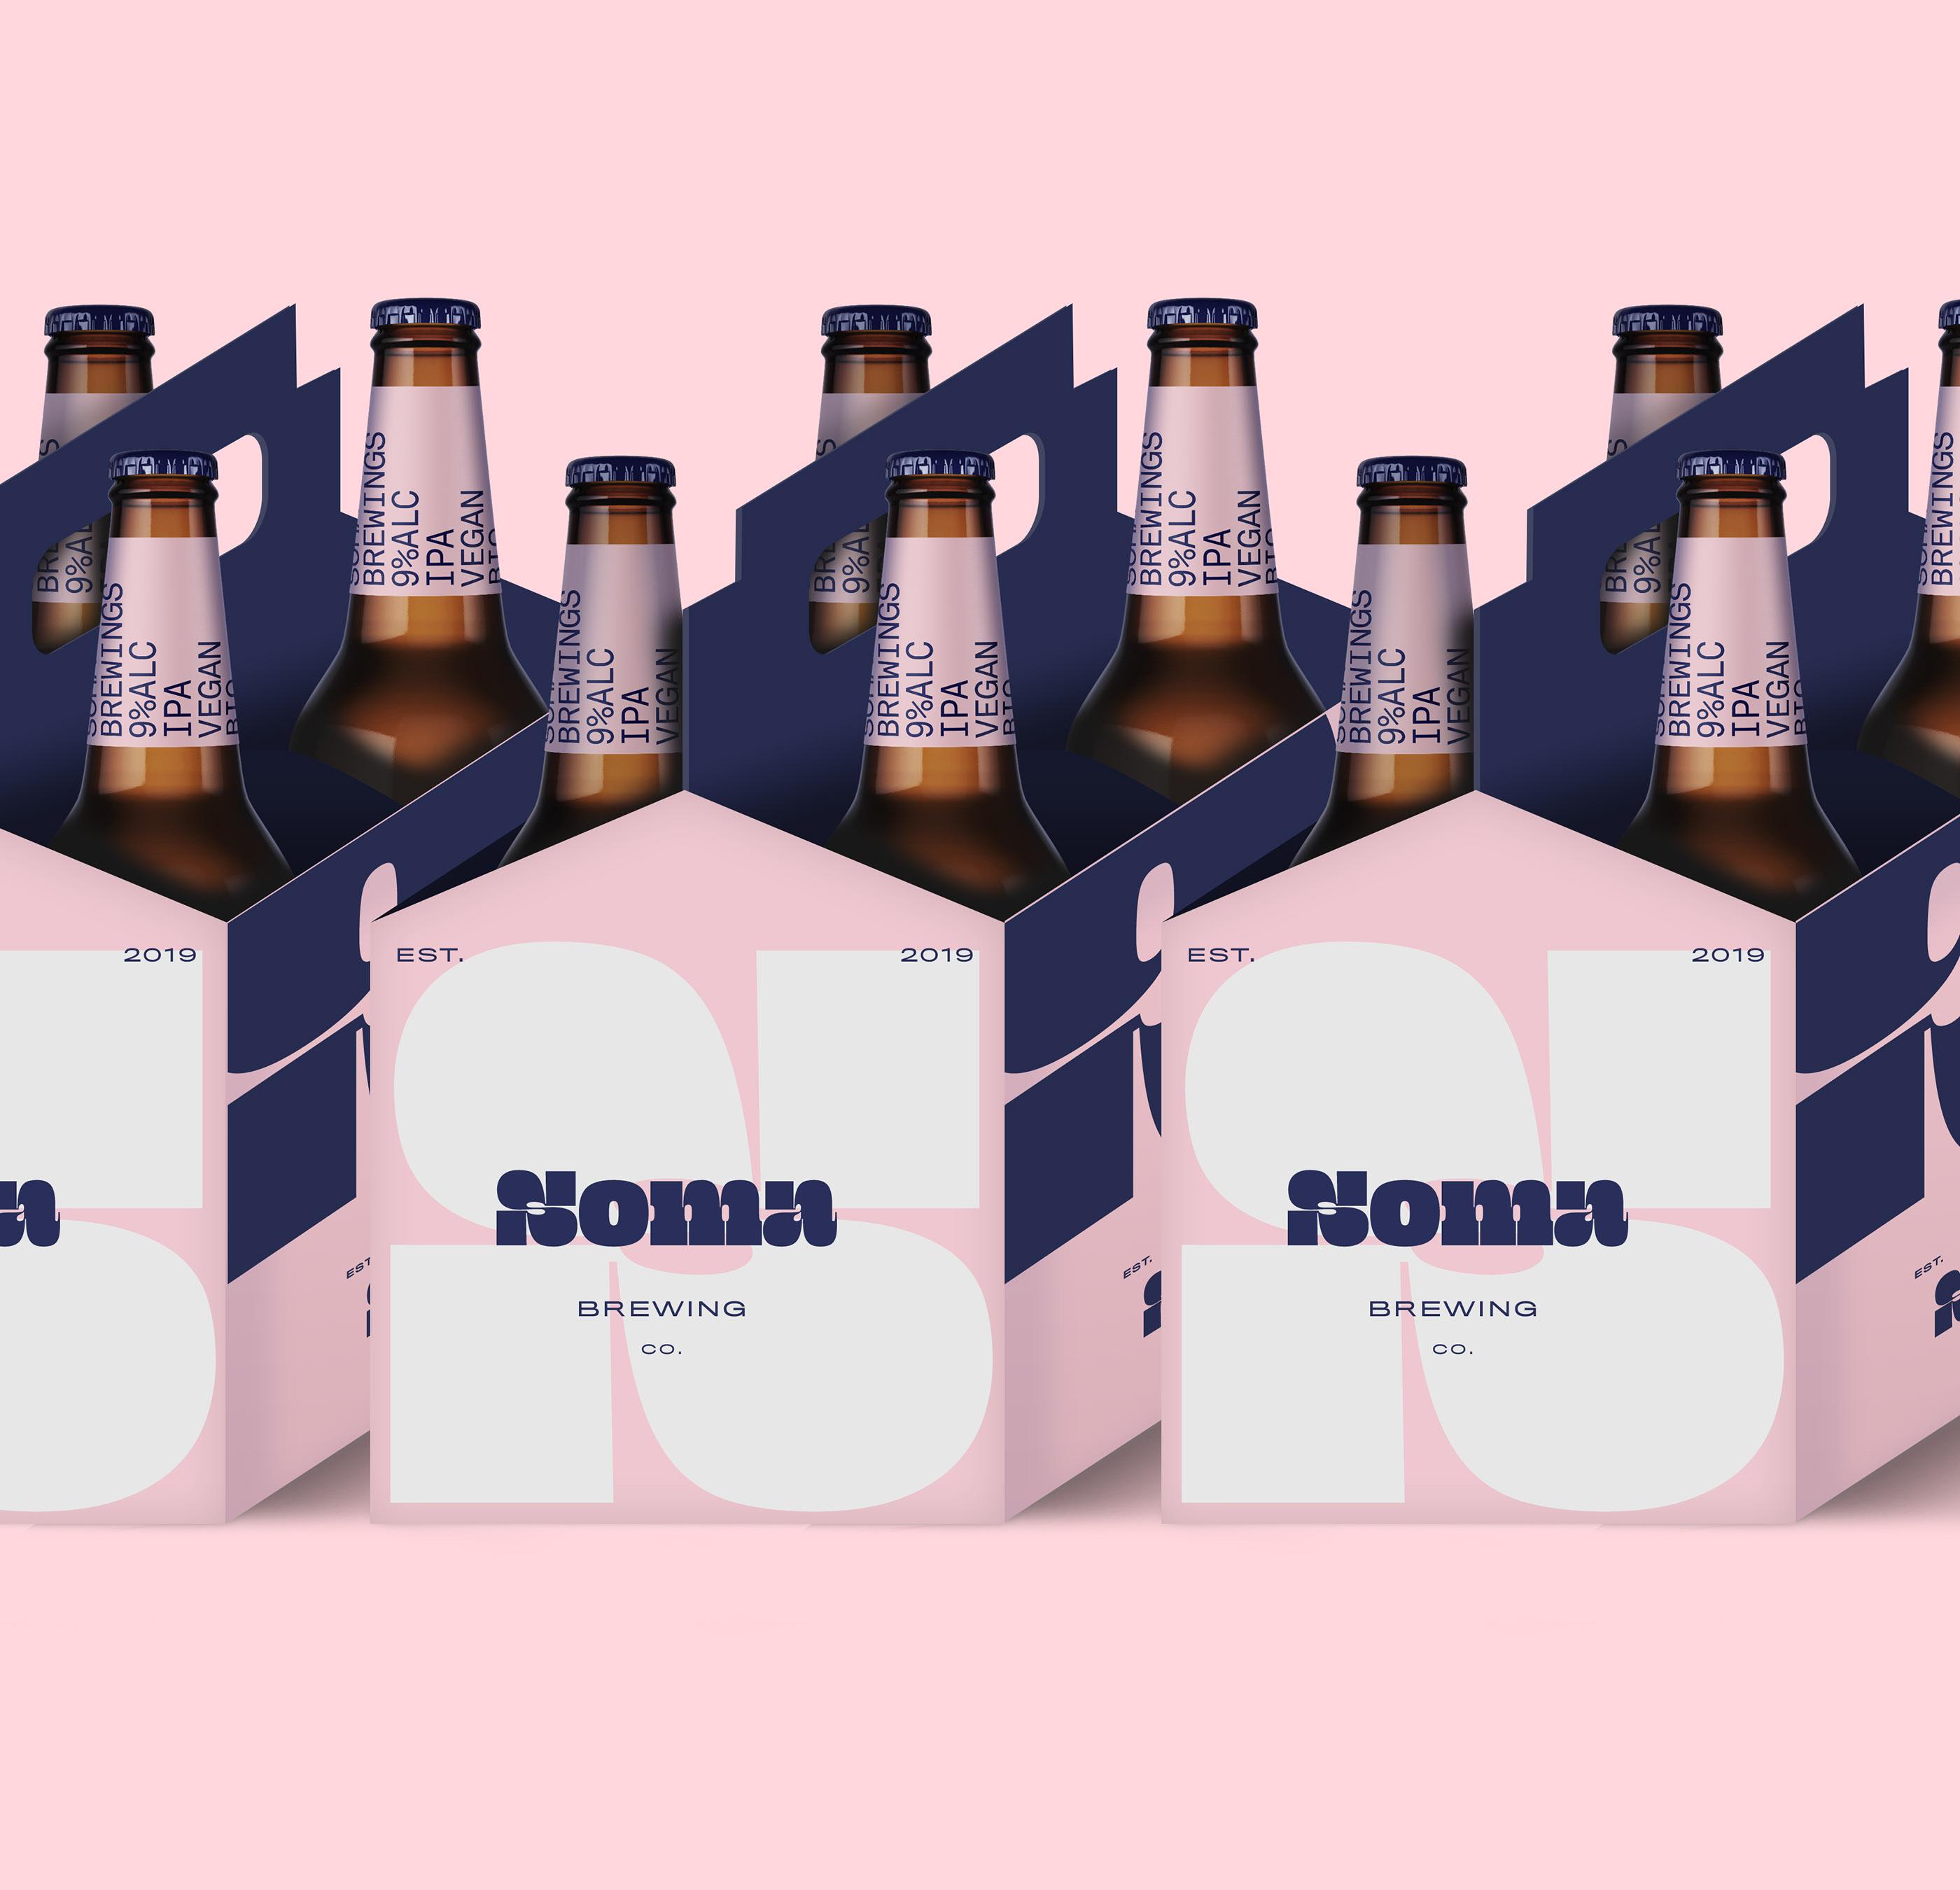 Айдентика и упаковка пива